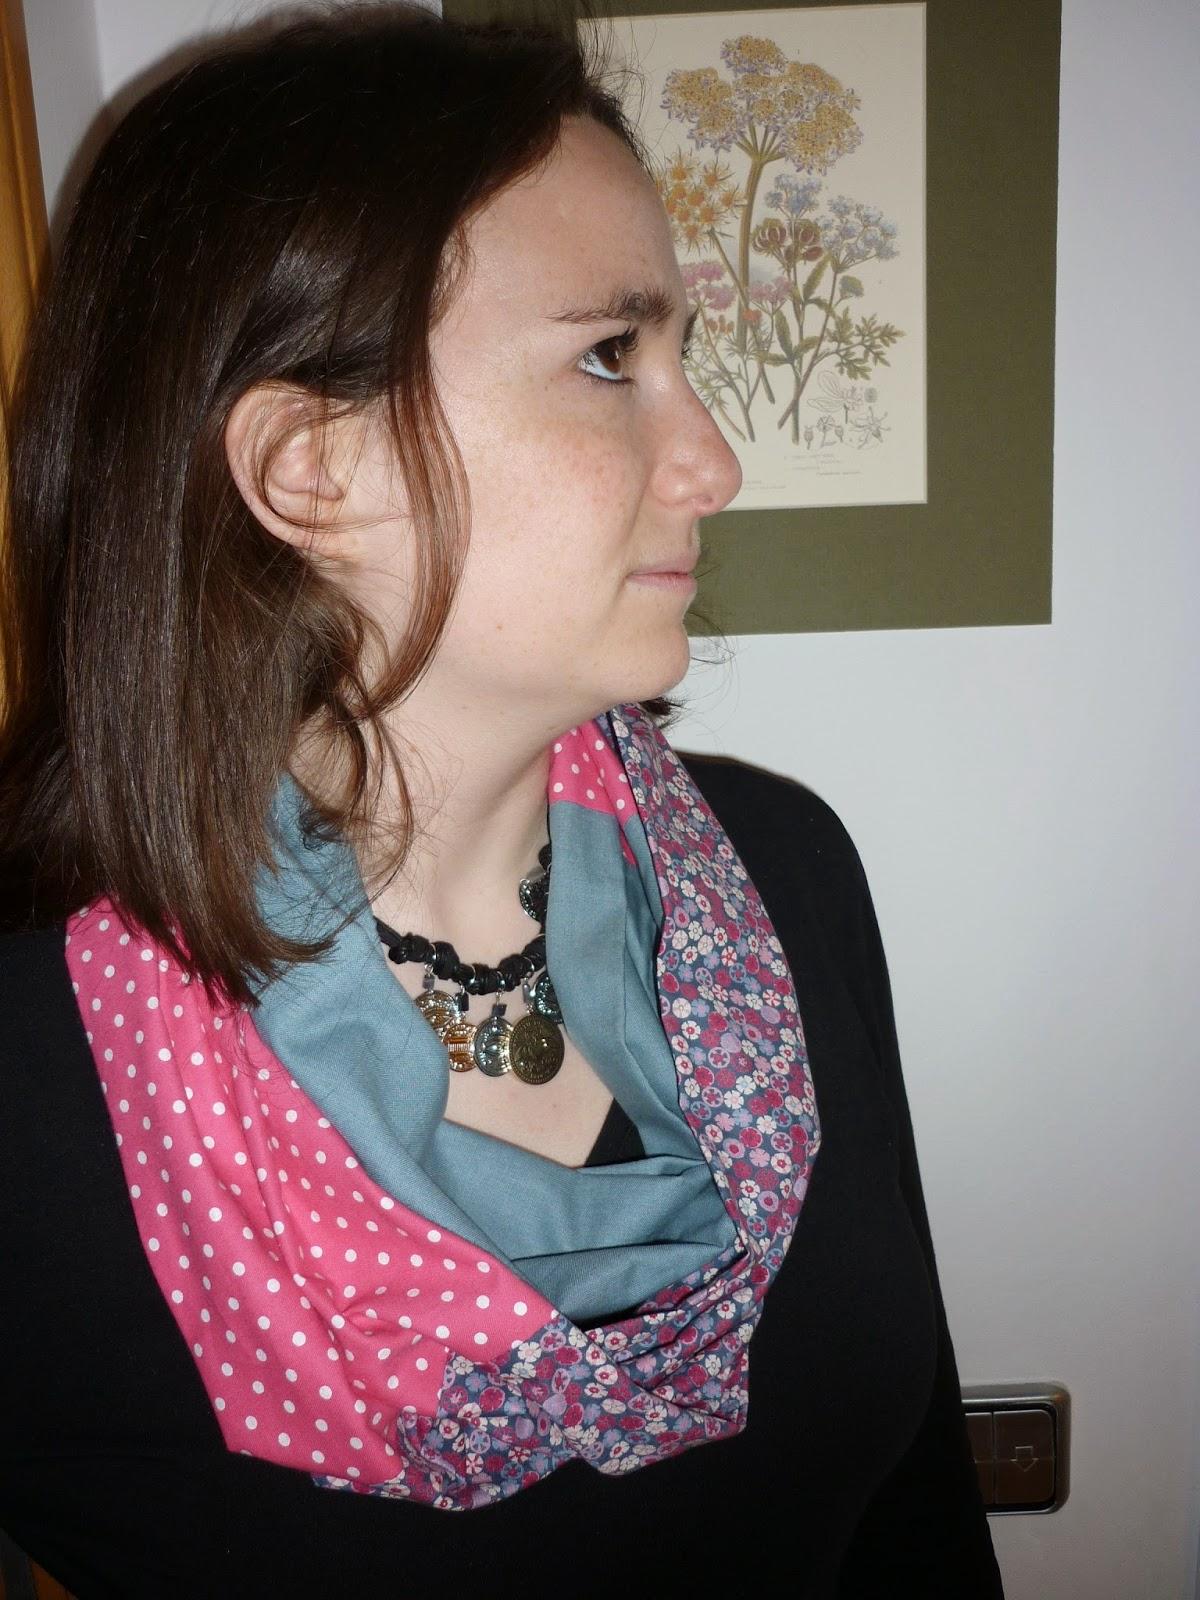 modistilla de pacotilla snood infinity scarf la vie en diy cose conmigo